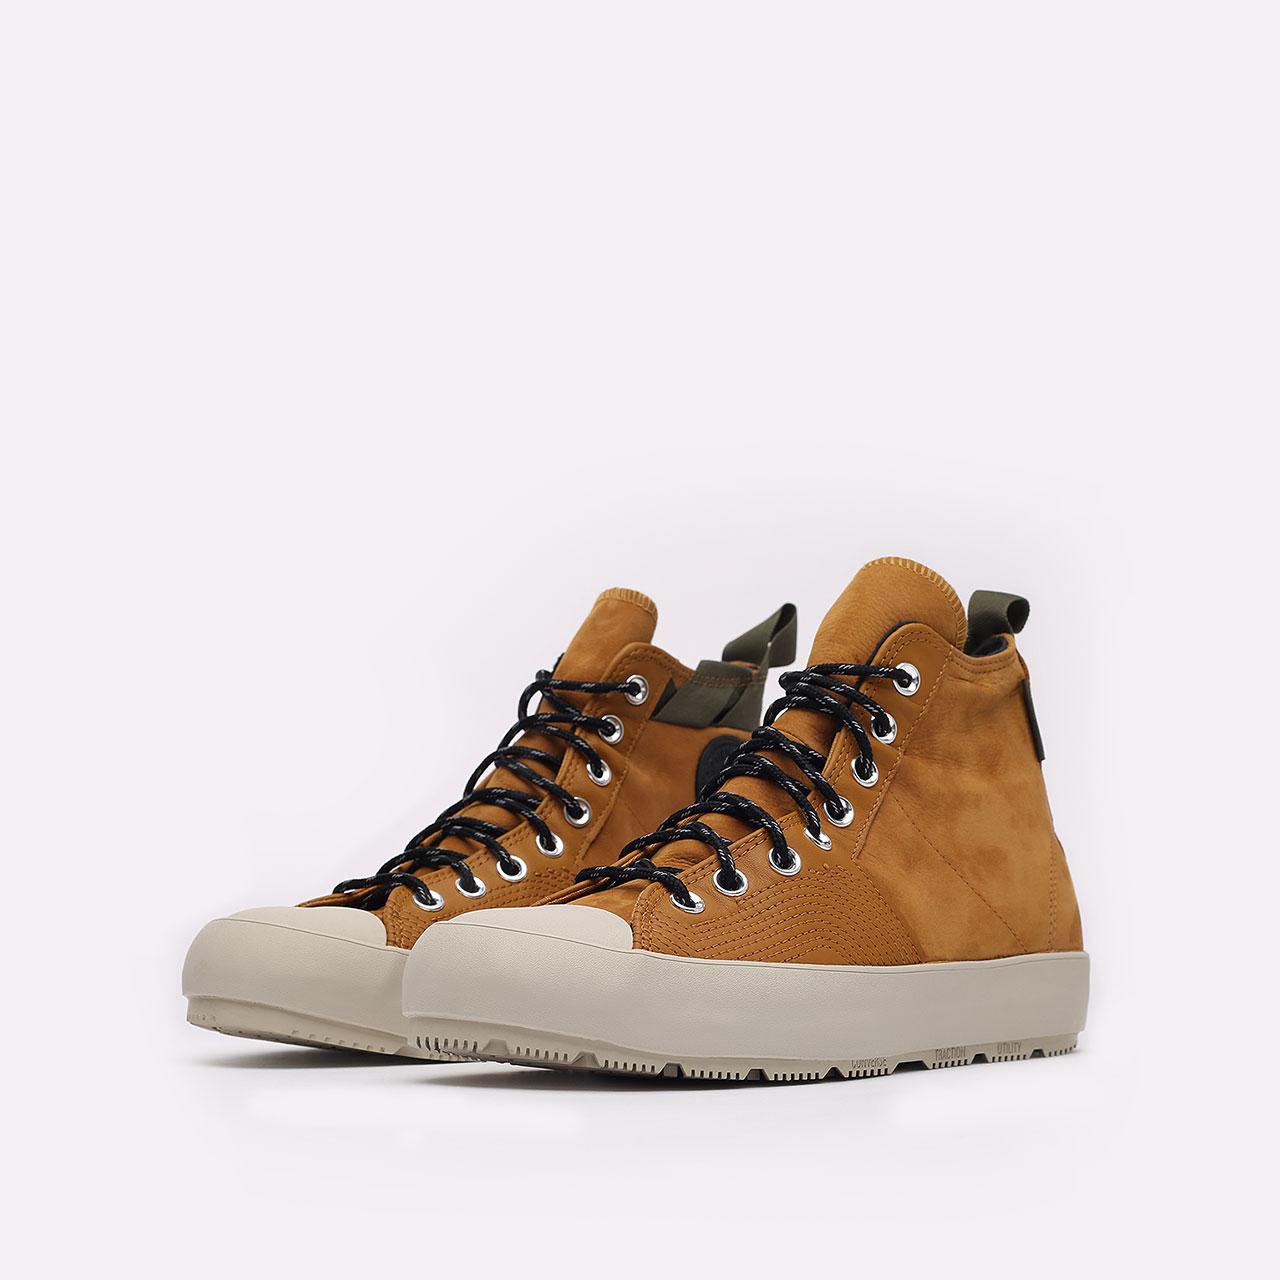 мужские коричневые  кеды converse chuck 70 explore wp hi 171438 - цена, описание, фото 4